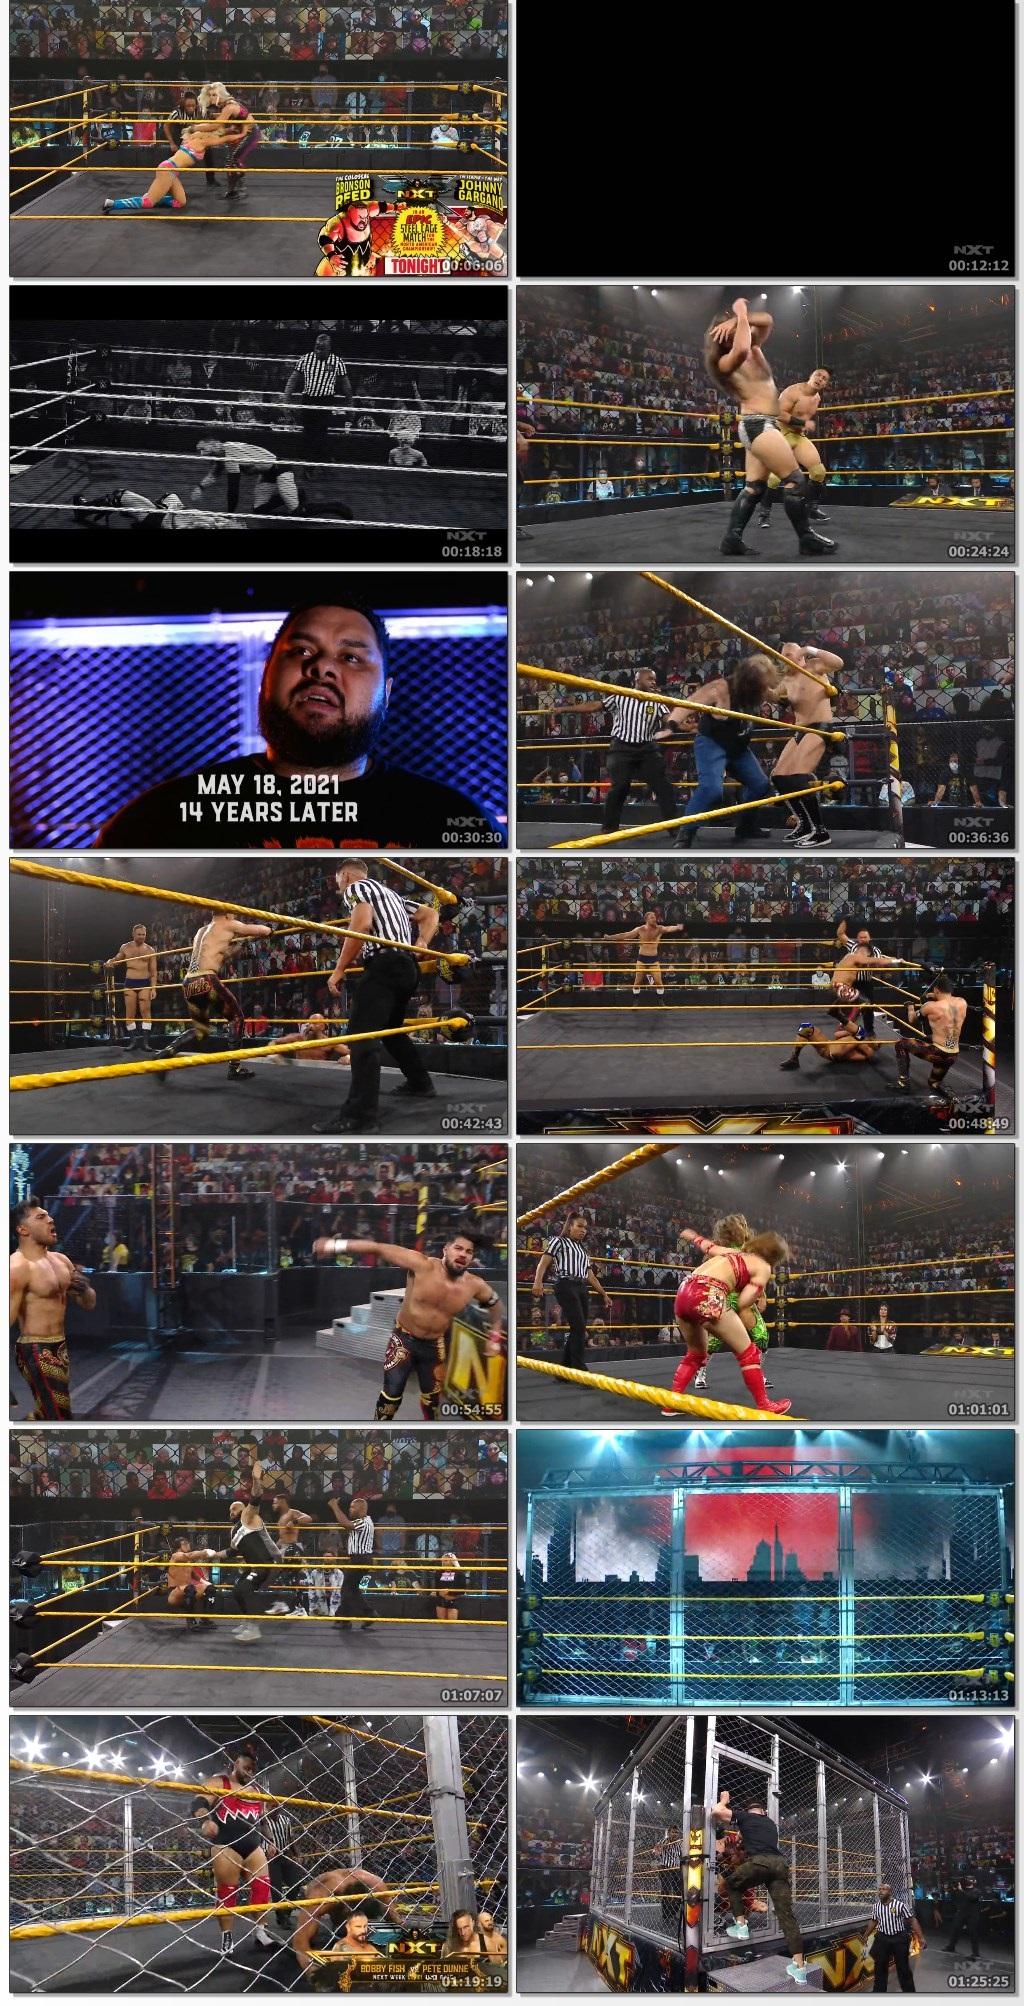 WWE-NXT-19th-May-2021-www-1kmovies-cyou-English-720p-HDTV-1-1-GB-mkv-thumbs